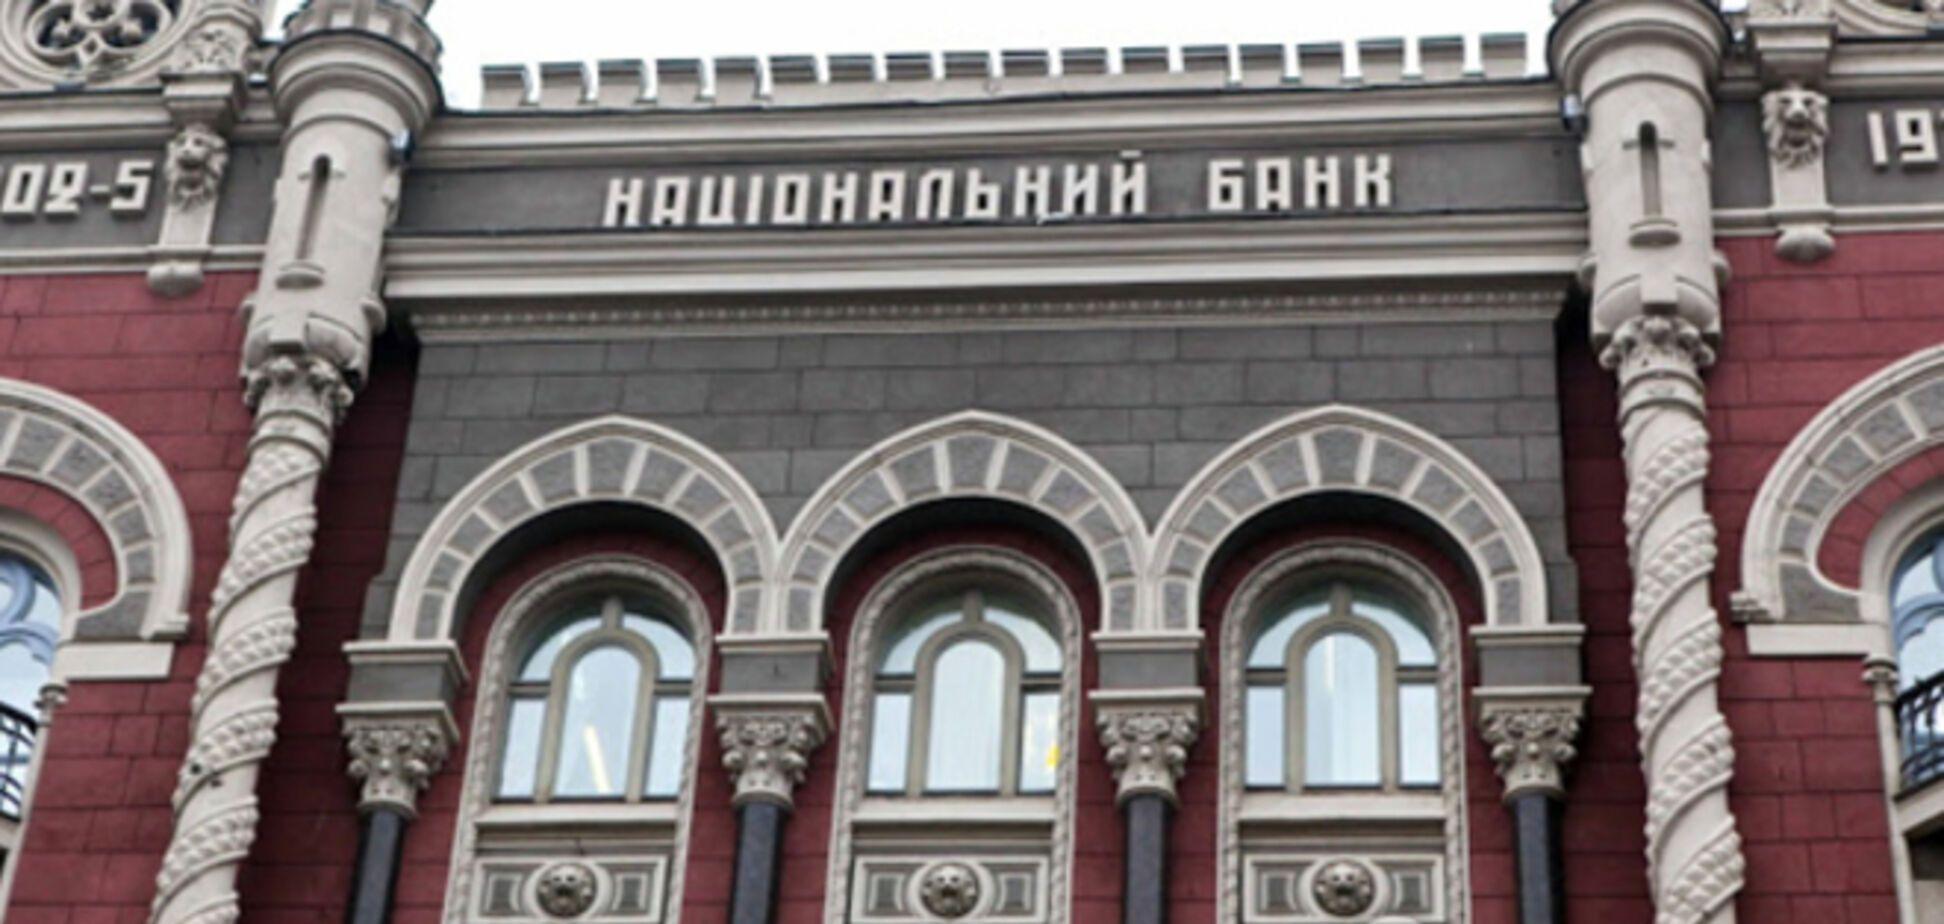 Банки получили указание прекратить обслуживание счетов жителей Донецка и Луганска